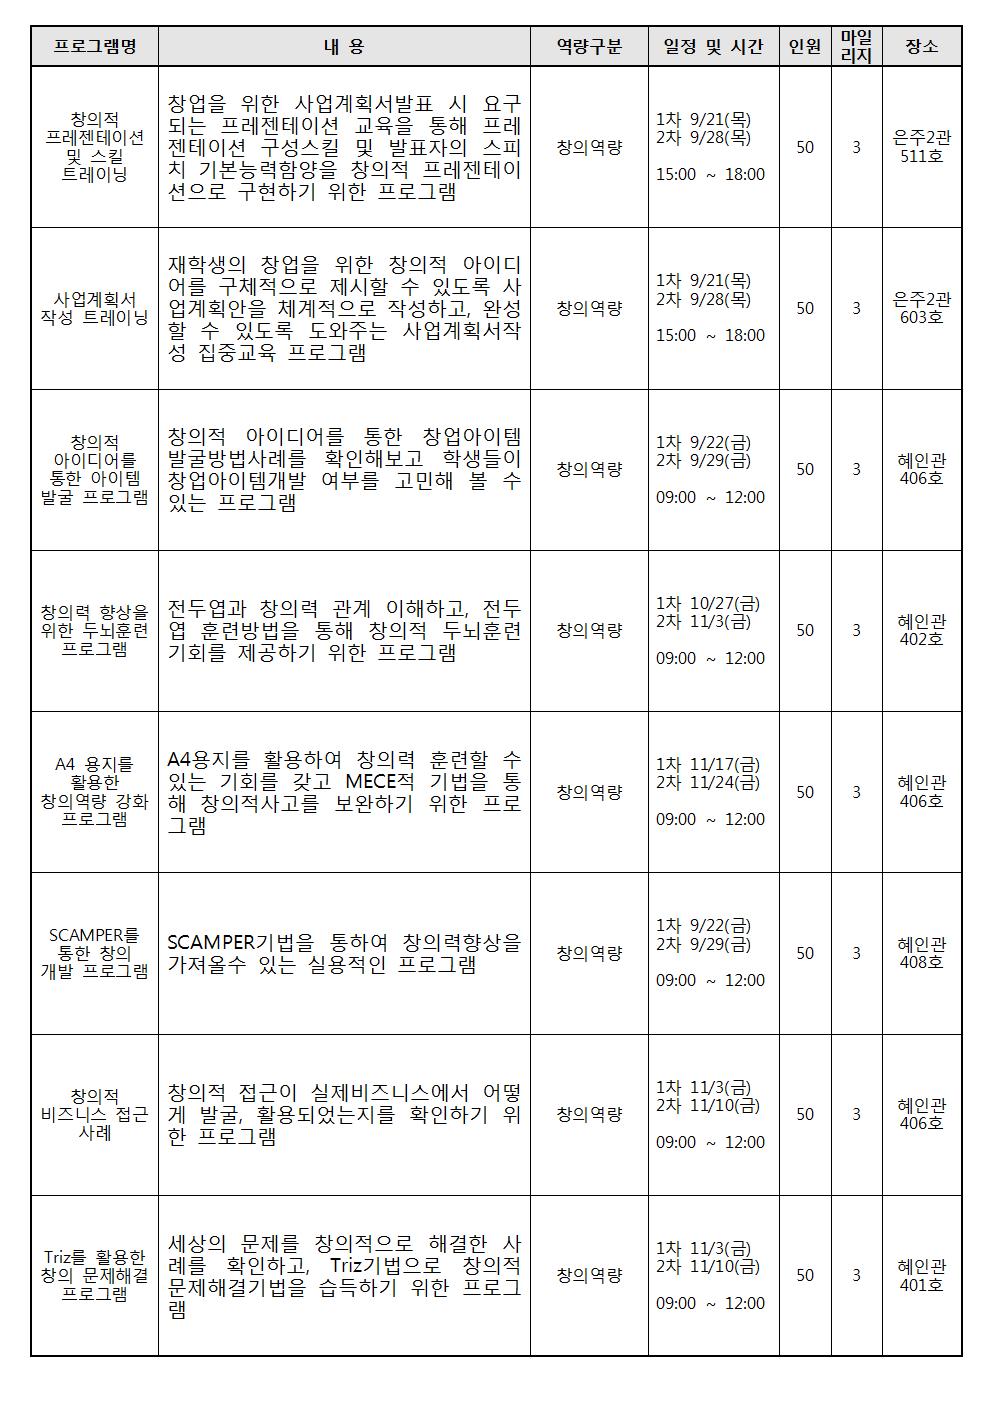 2017학년도 2학기 창업지원센터 비교과프로그램-1004.png